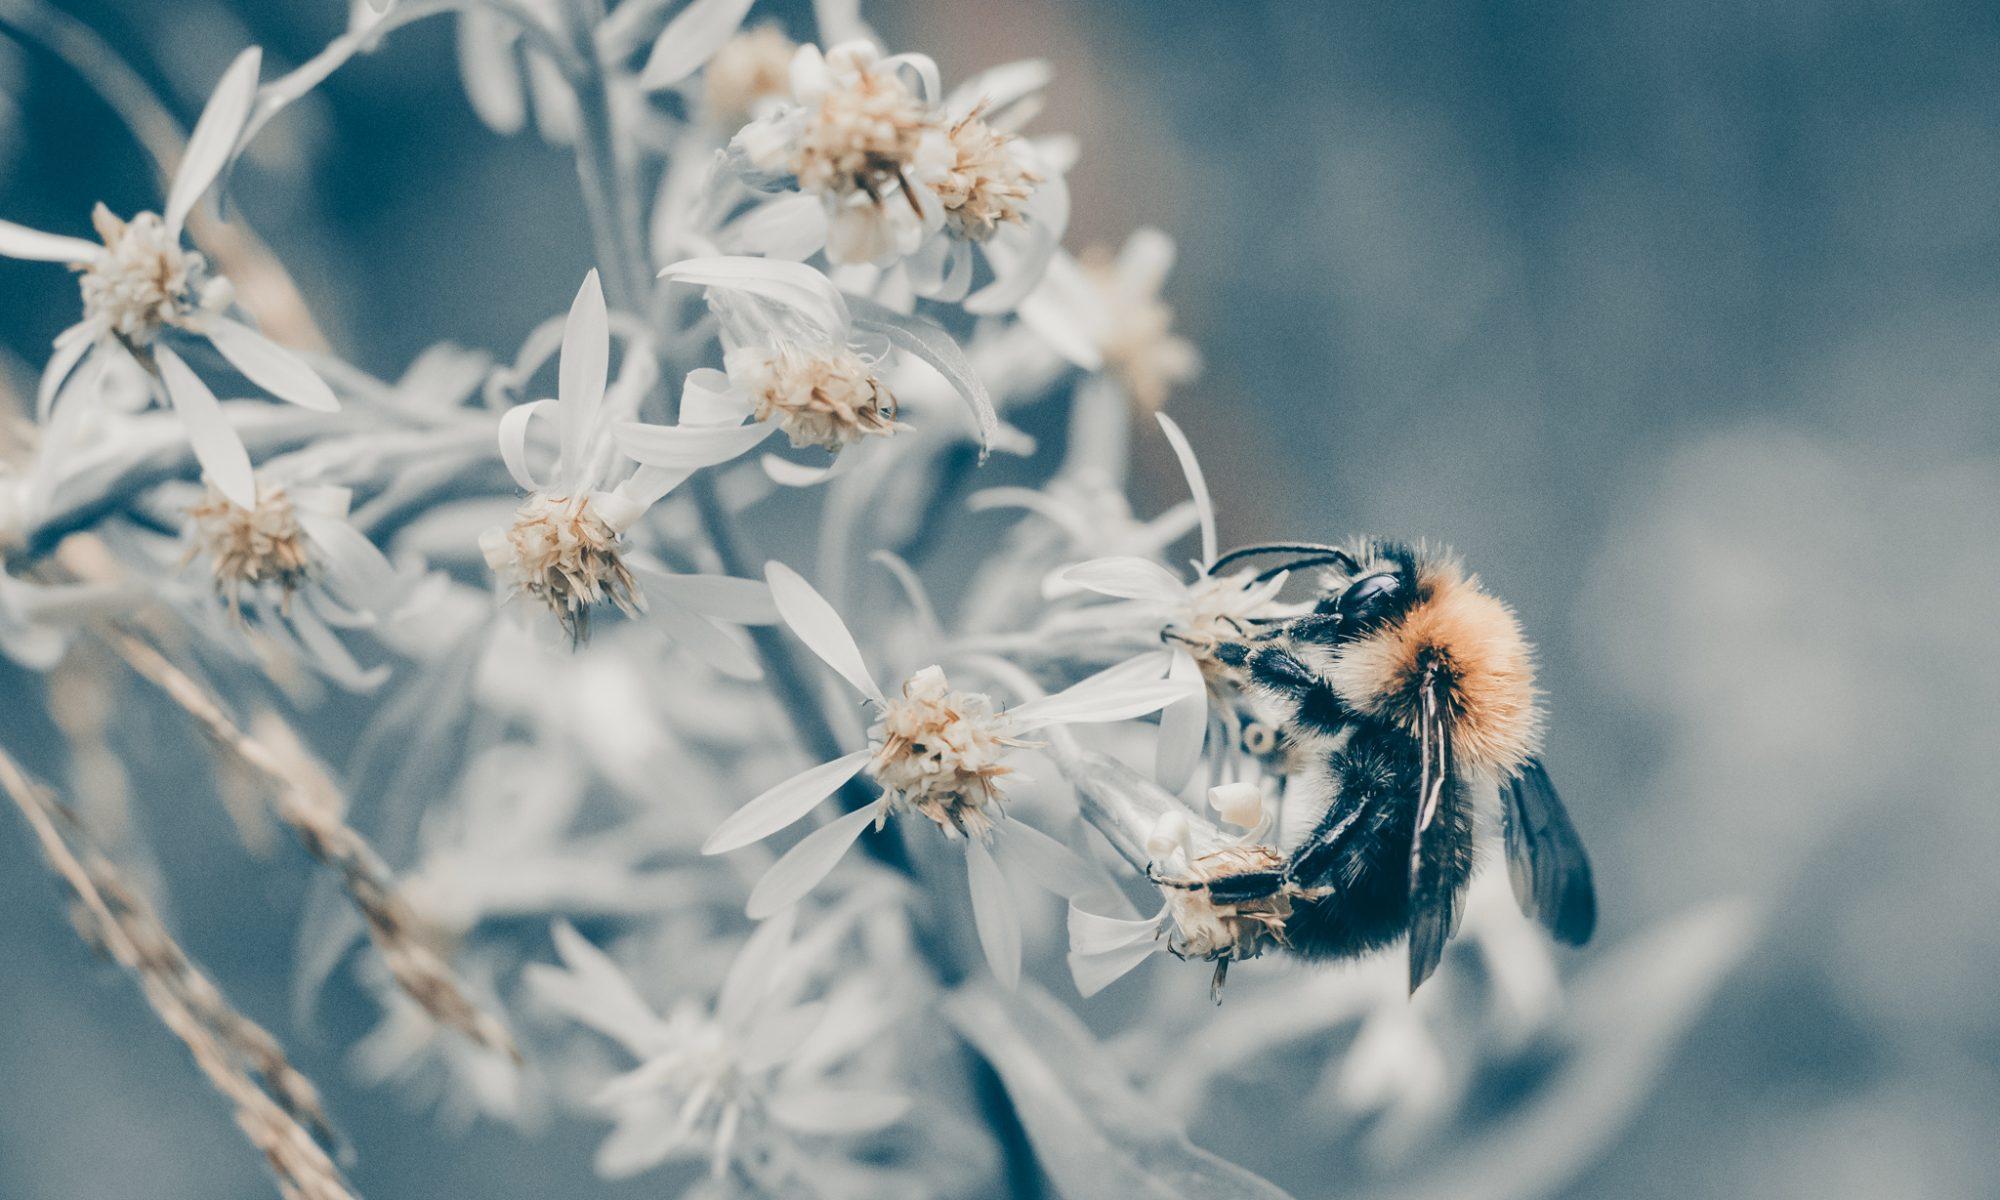 Mehiläiskummit